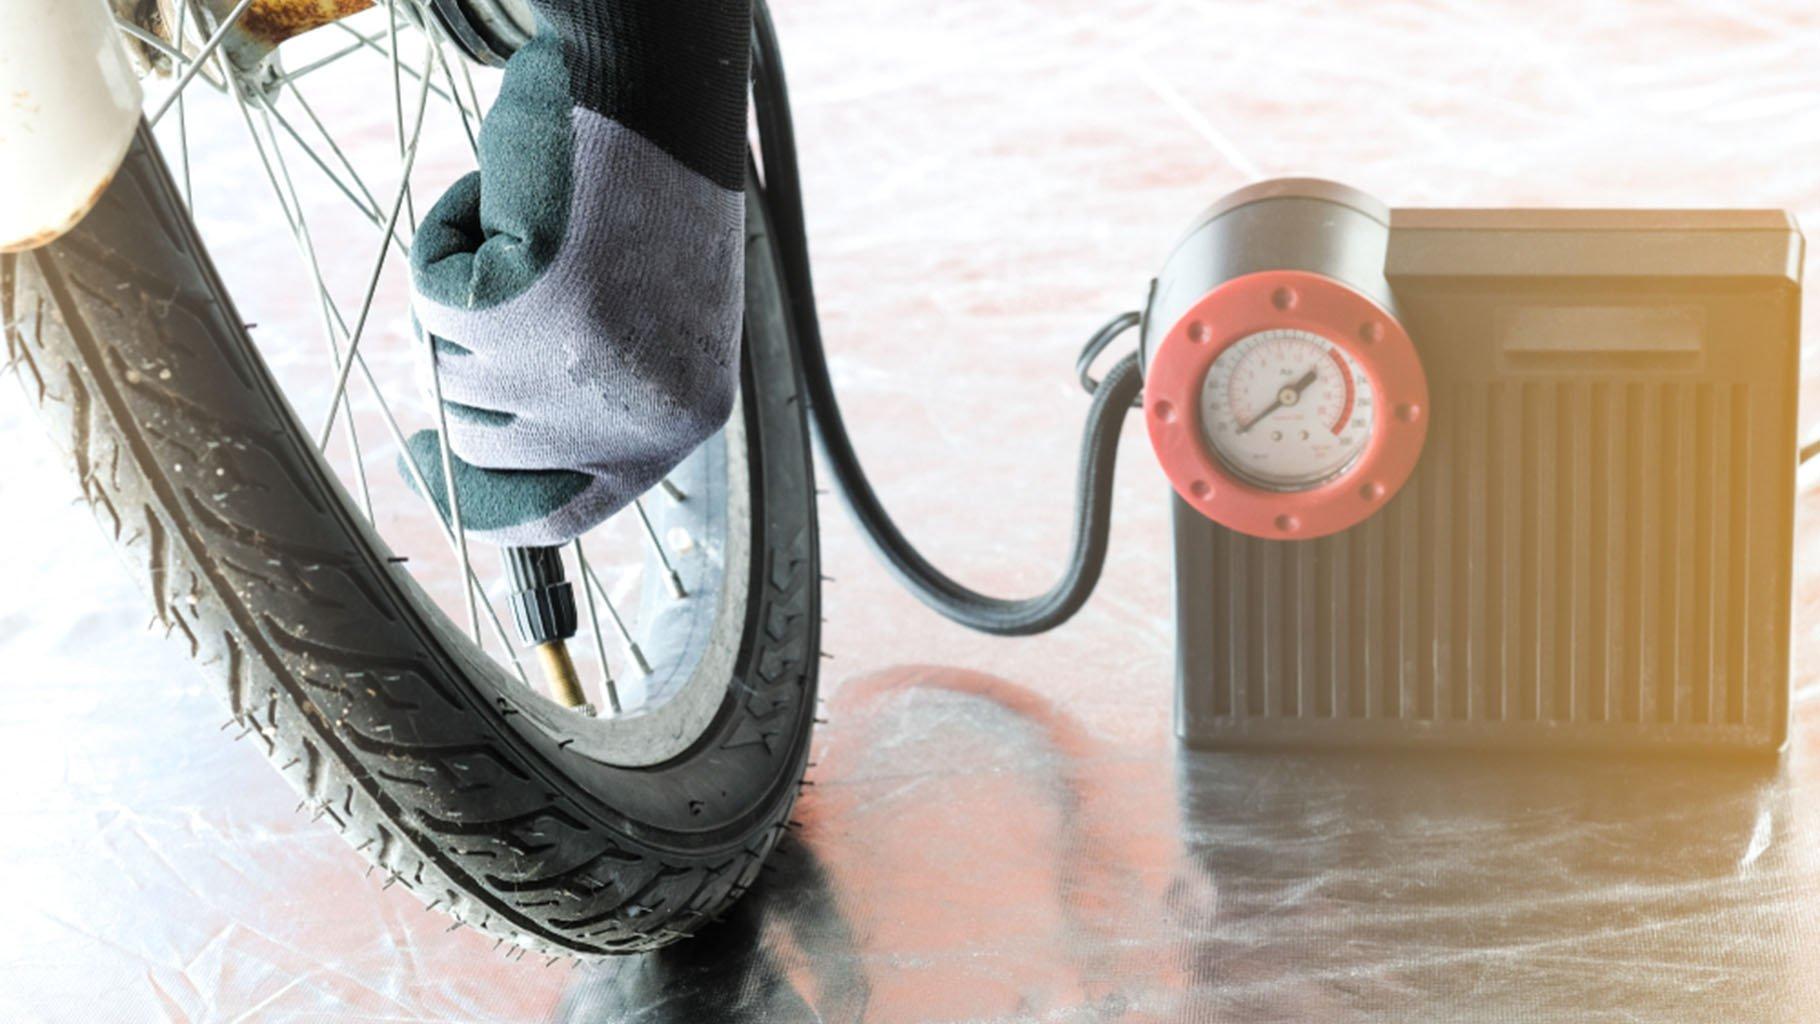 Car Van Bike Tyre Pressure Guard Valve Cap Visual Warning Of Low or Flat Tire